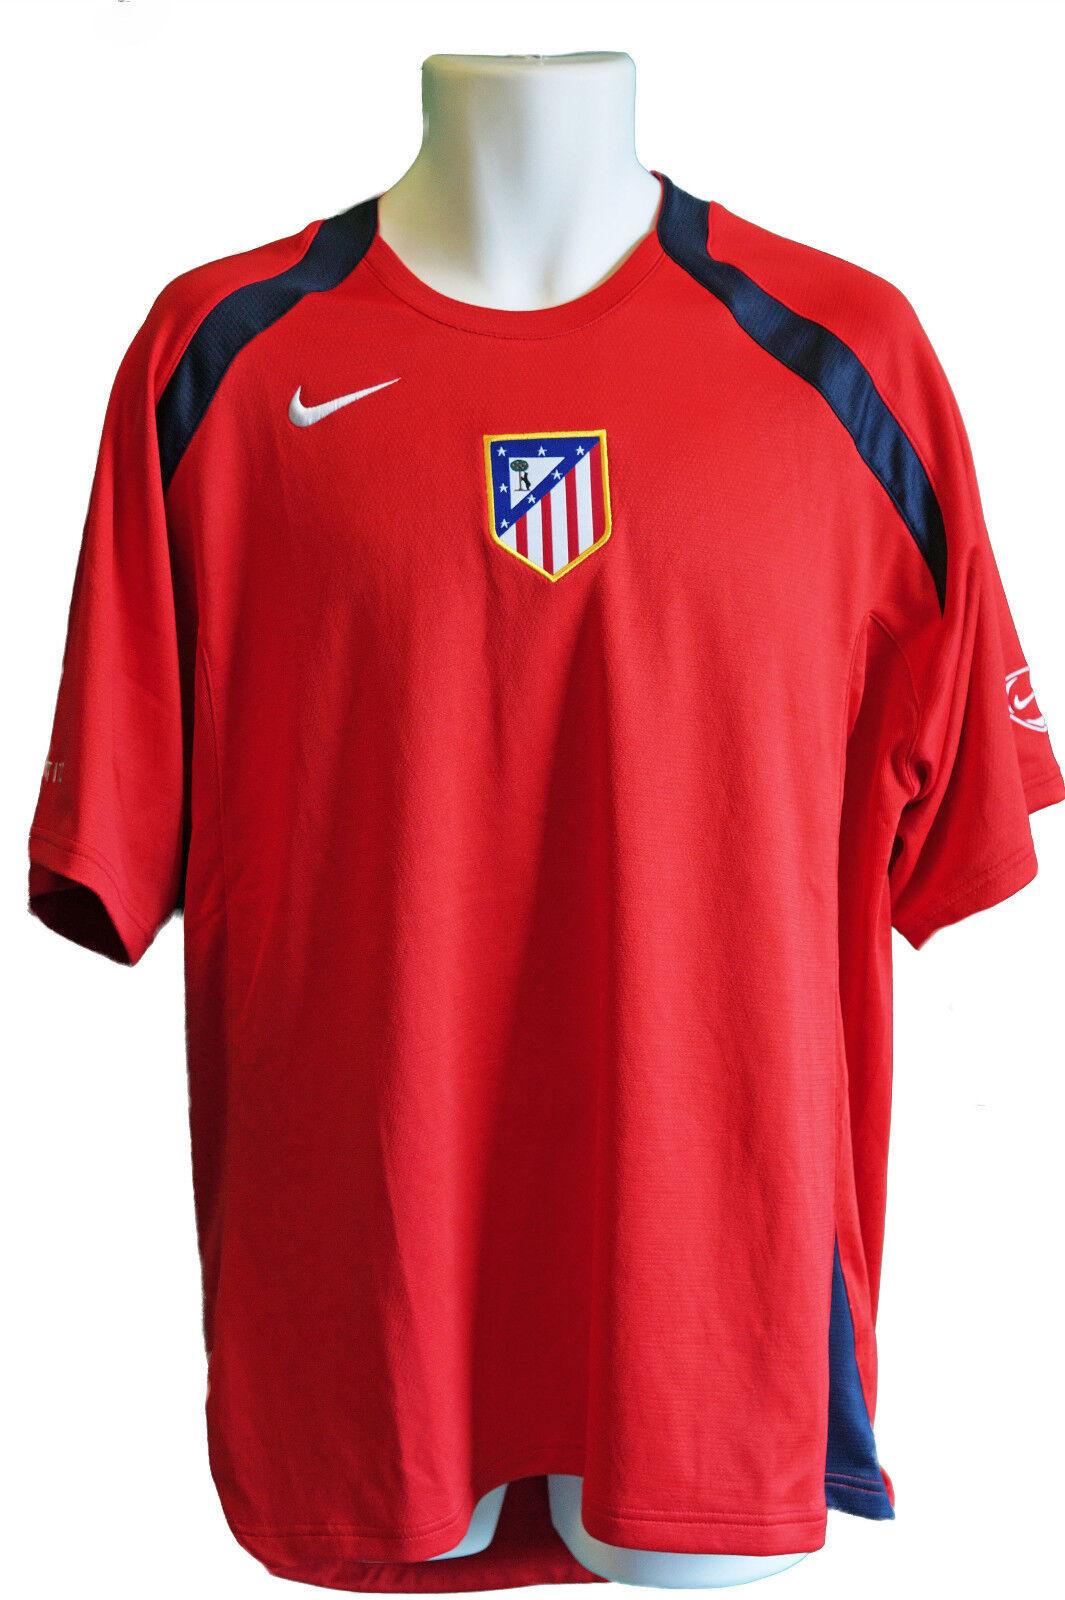 Nike Athletico Madrid Jugarer Issue Entrenamiento  Fútbol Pre Match Camisa Roja  en promociones de estadios